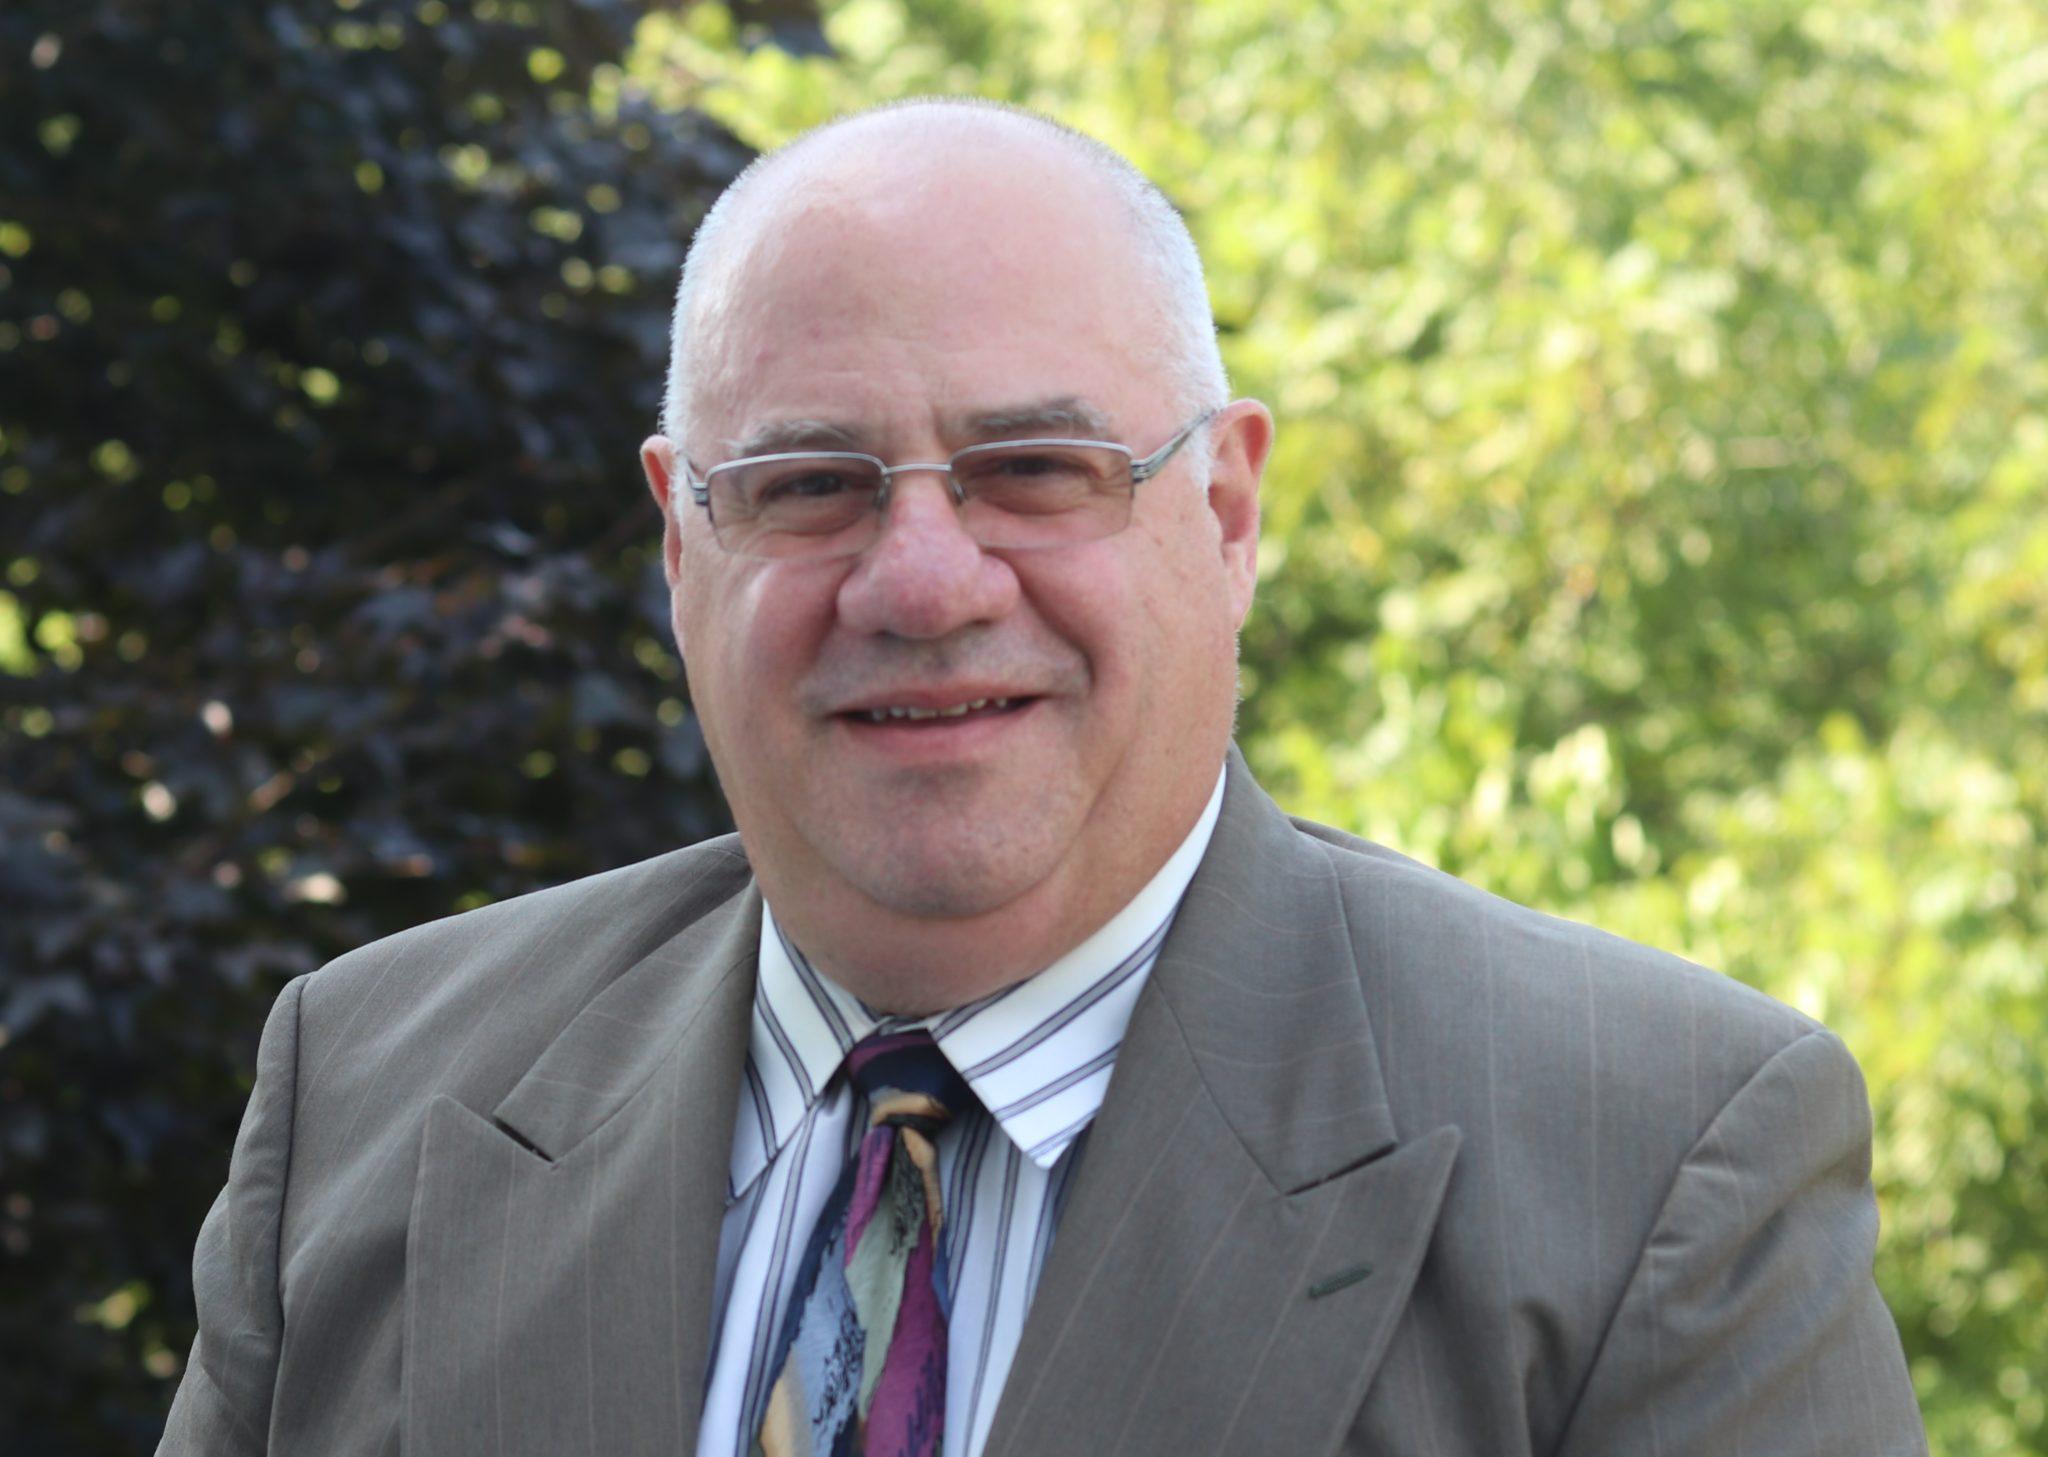 Government Award | Aram Piligian, Jr., AIA